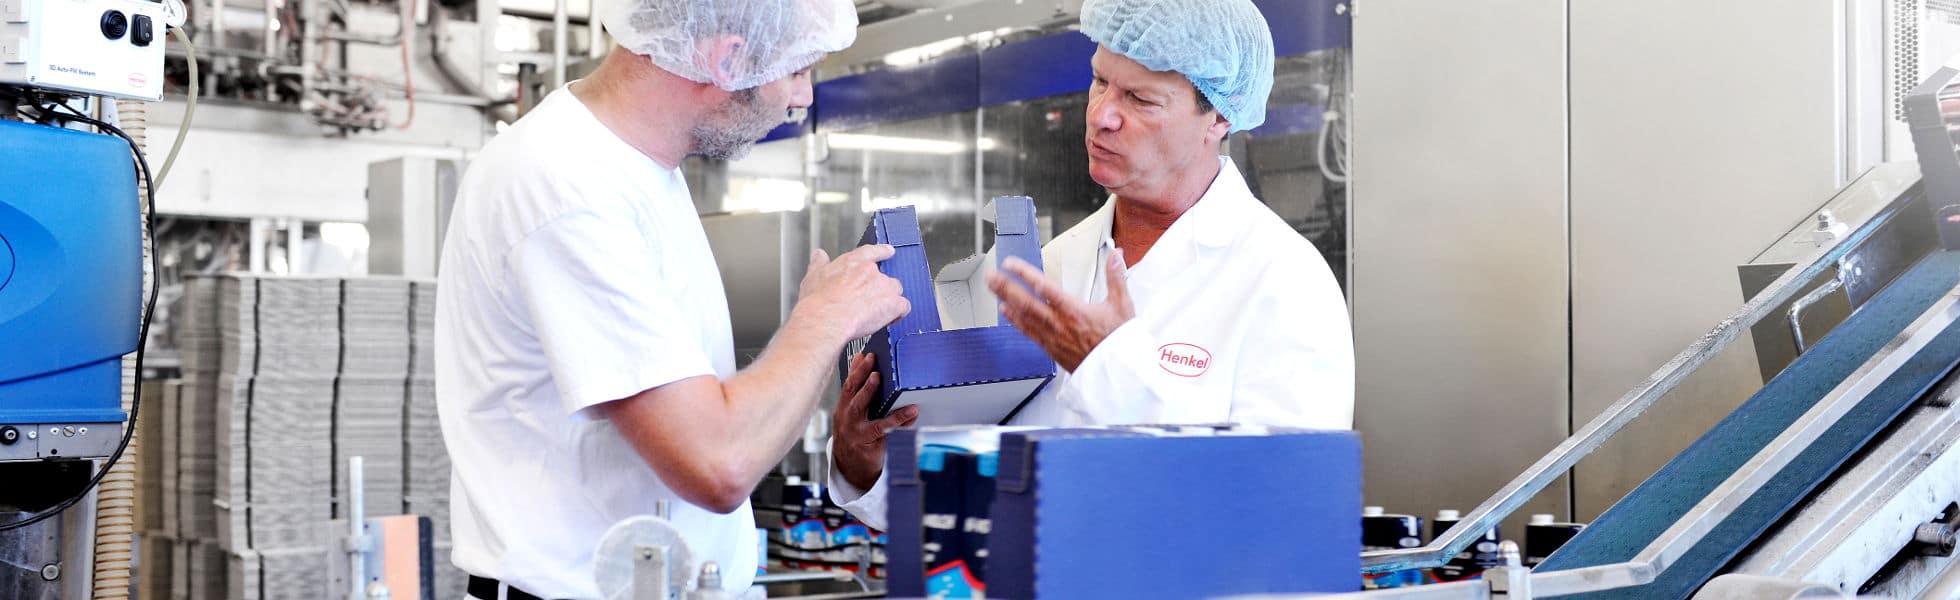 Tecnici Henkel controllano le perfomance degli adesivi